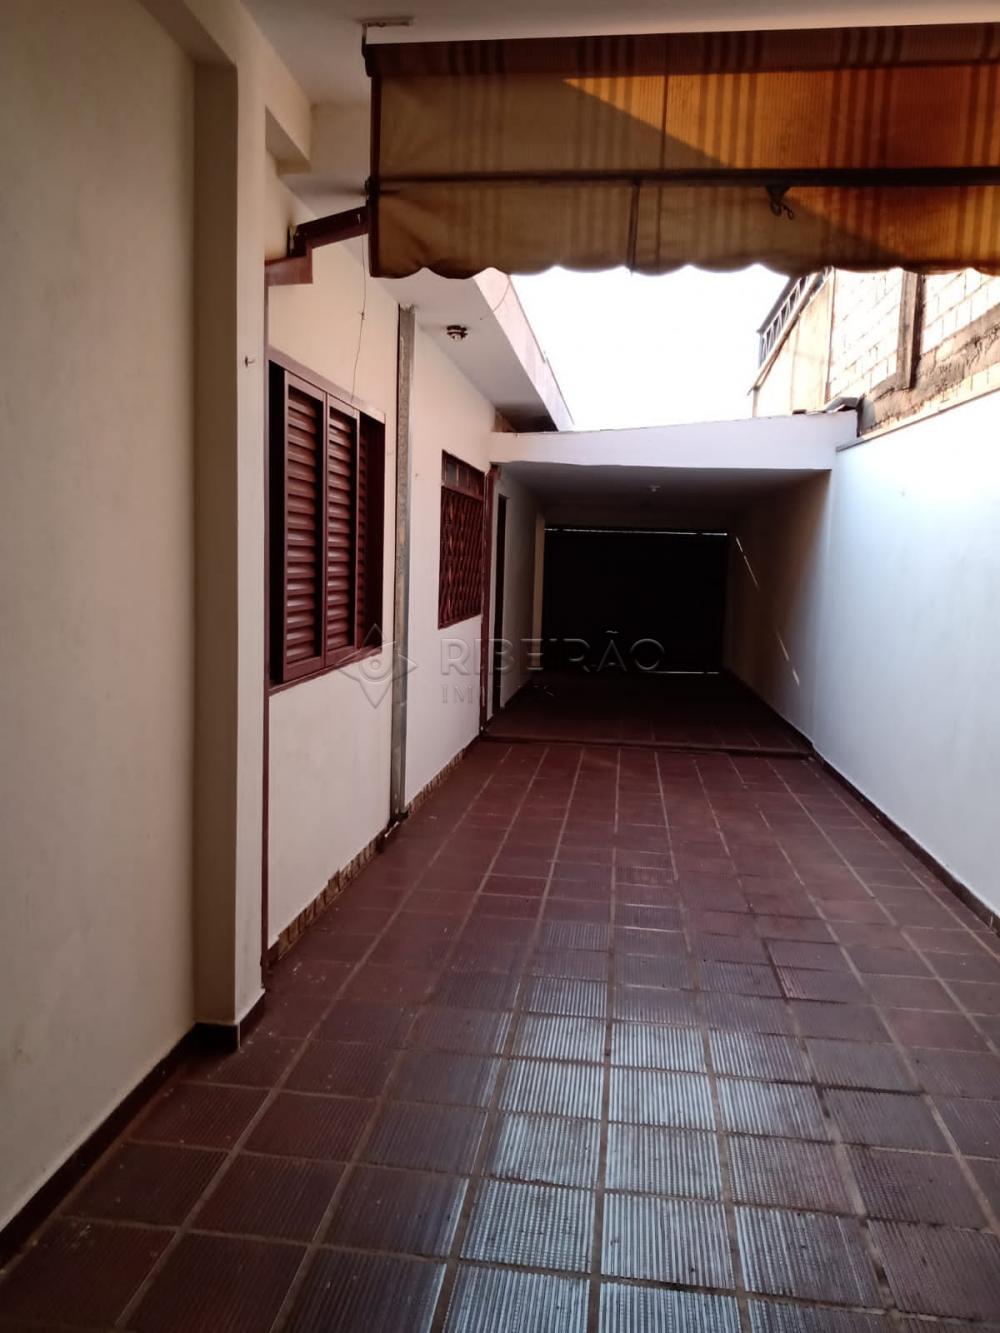 Alugar Casa / Sobrado em Ribeirão Preto R$ 1.400,00 - Foto 9